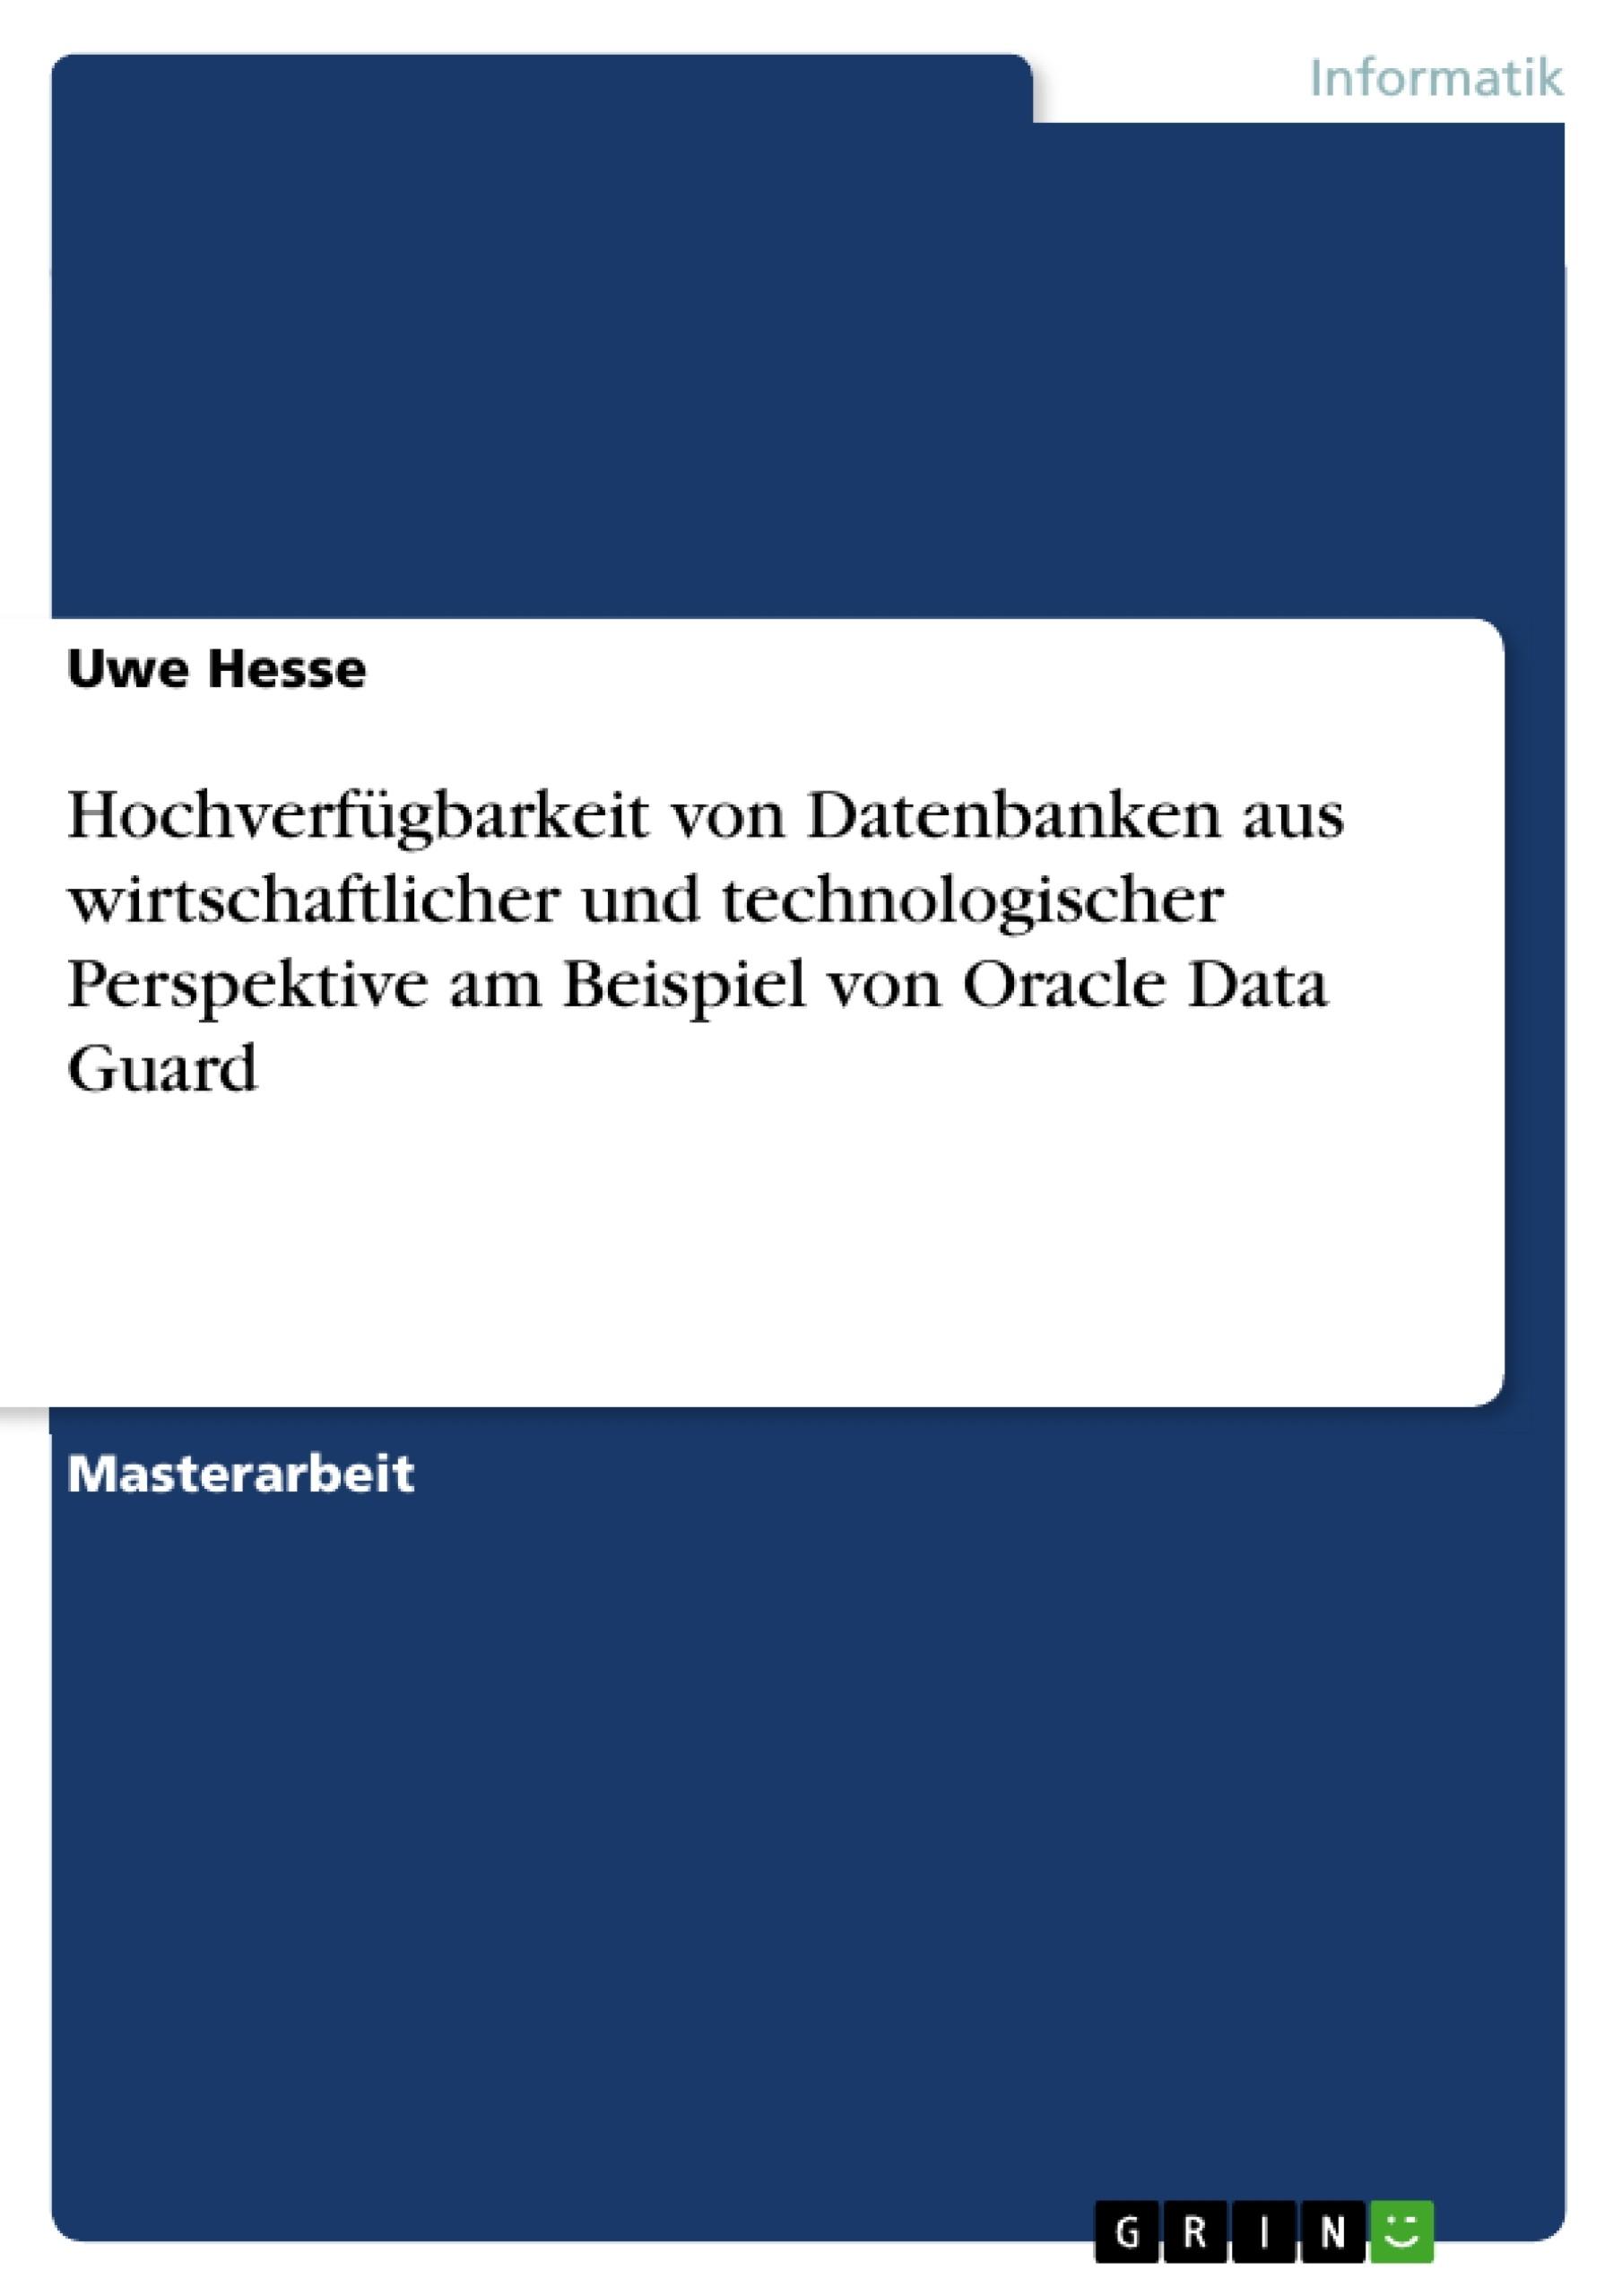 Titel: Hochverfügbarkeit von Datenbanken aus wirtschaftlicher und technologischer Perspektive am Beispiel von Oracle Data Guard